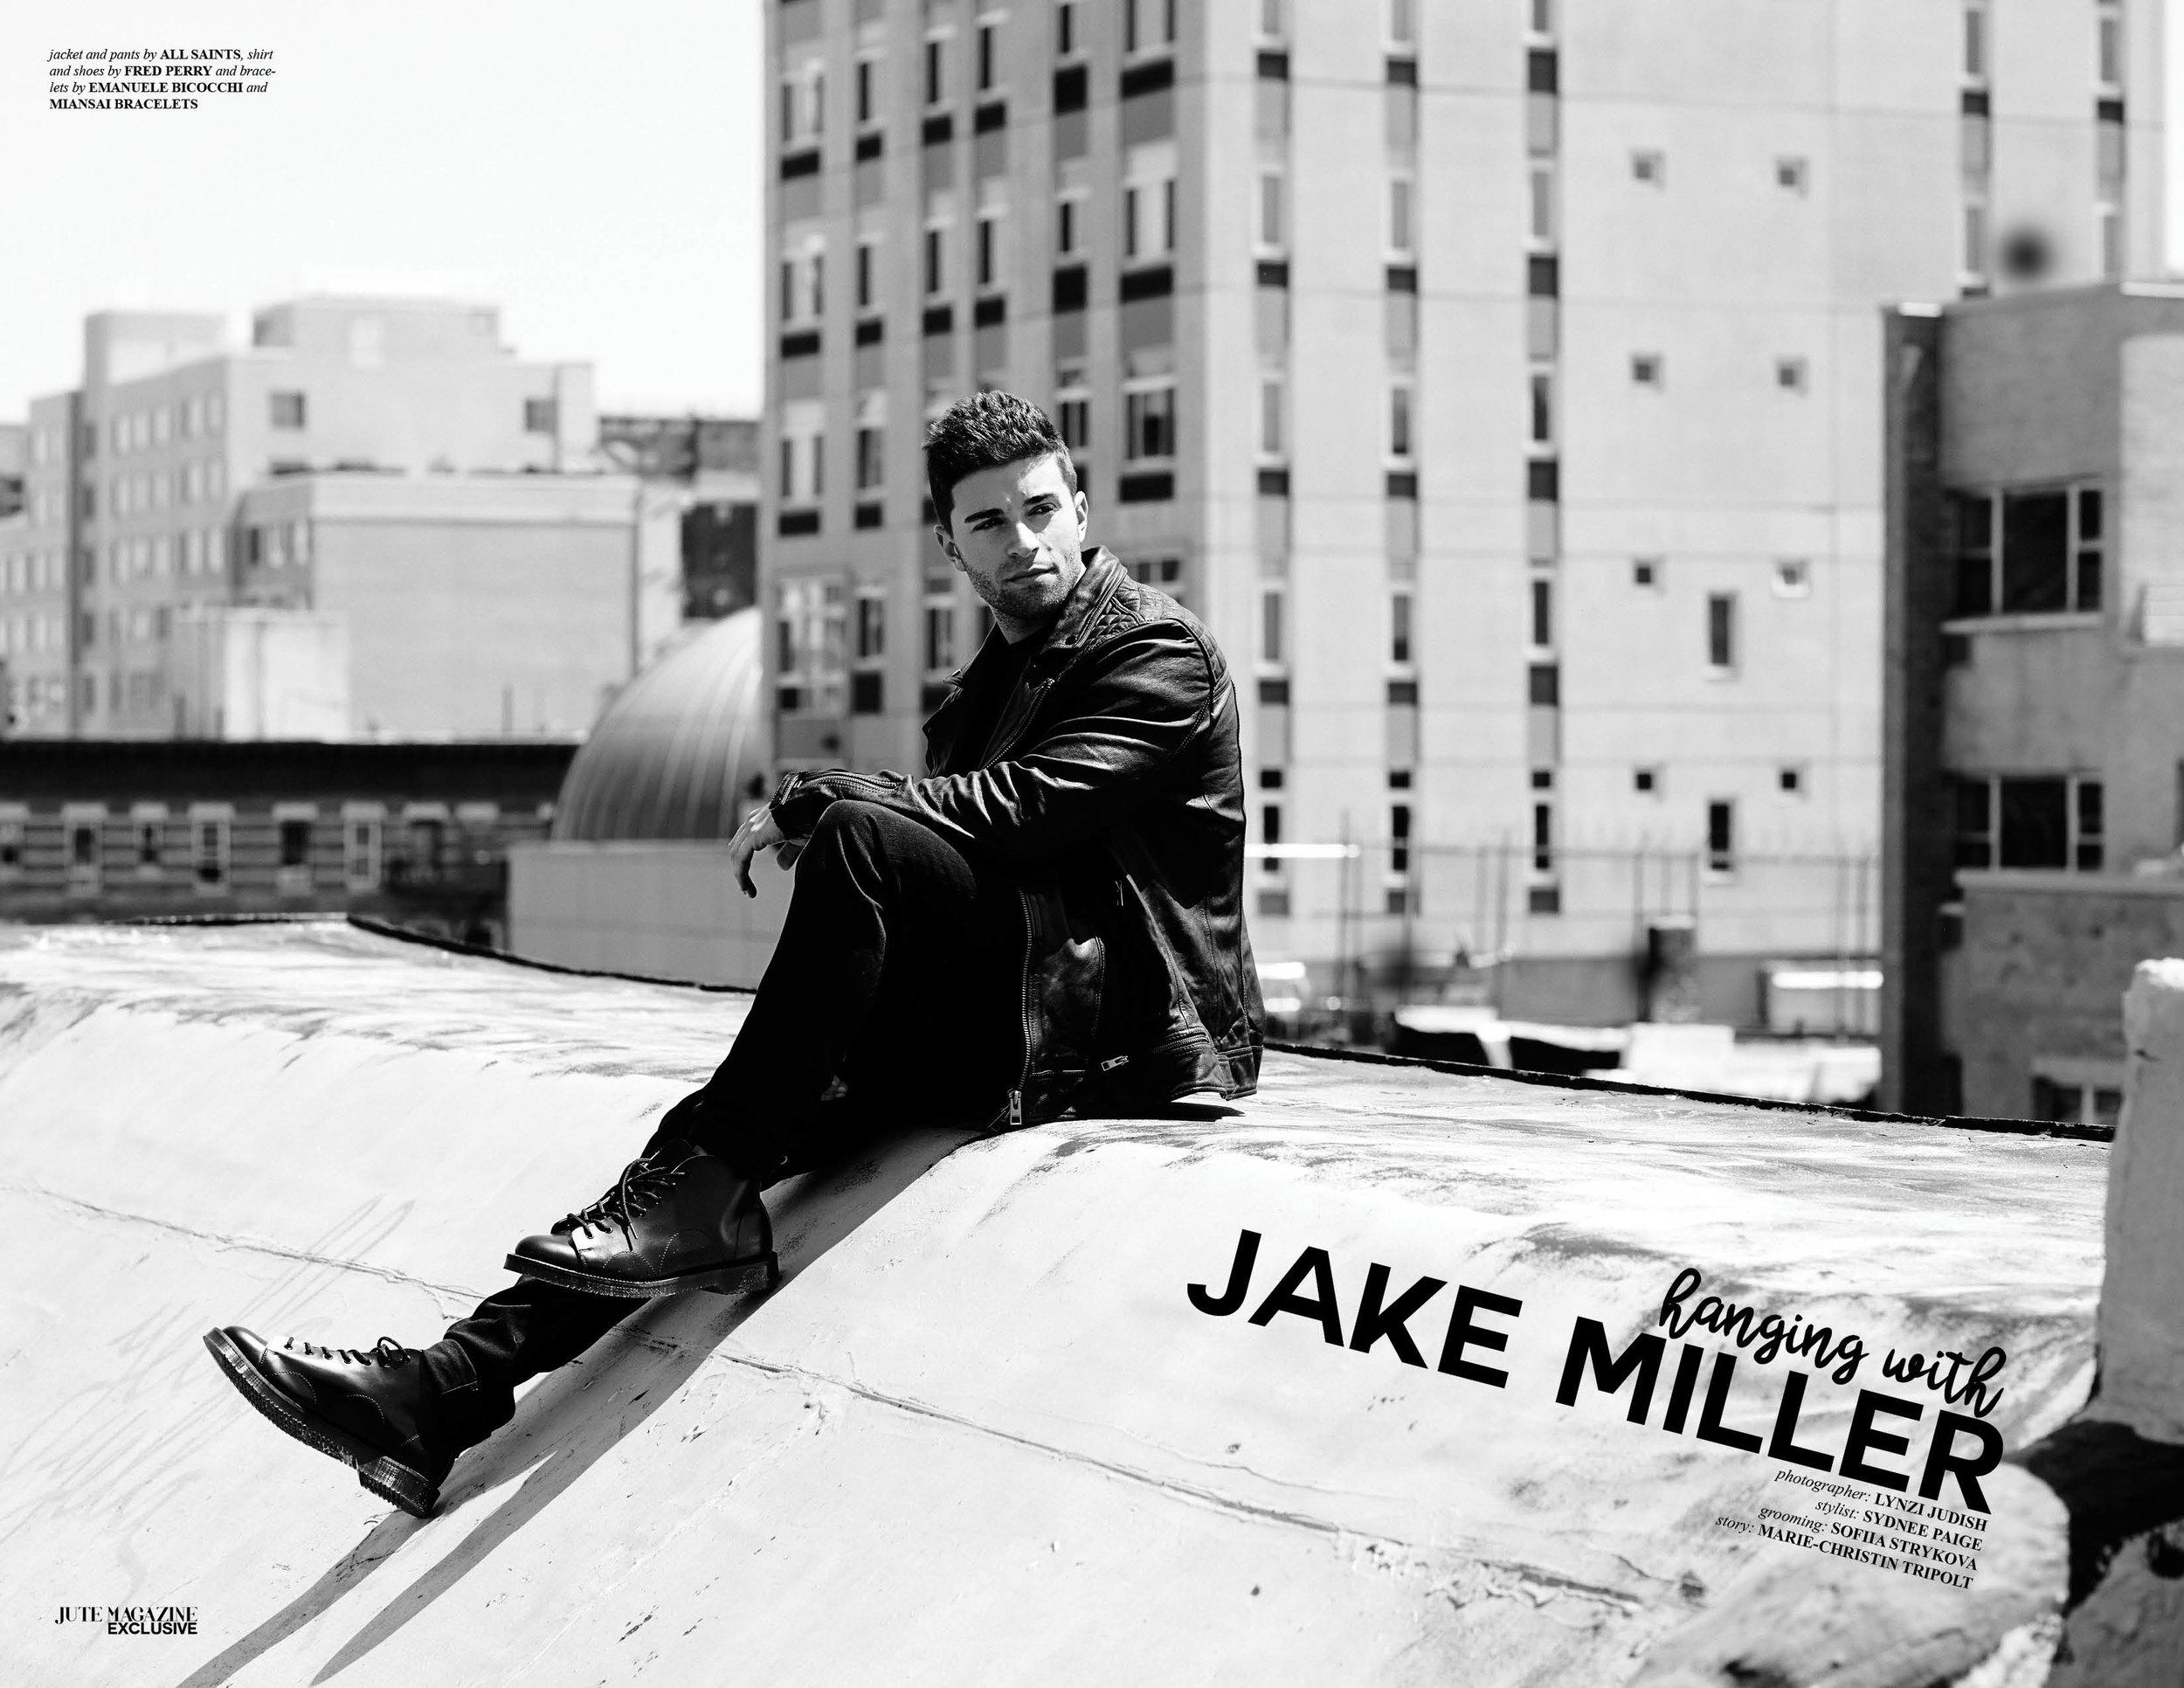 JakeMillerbb.jpg